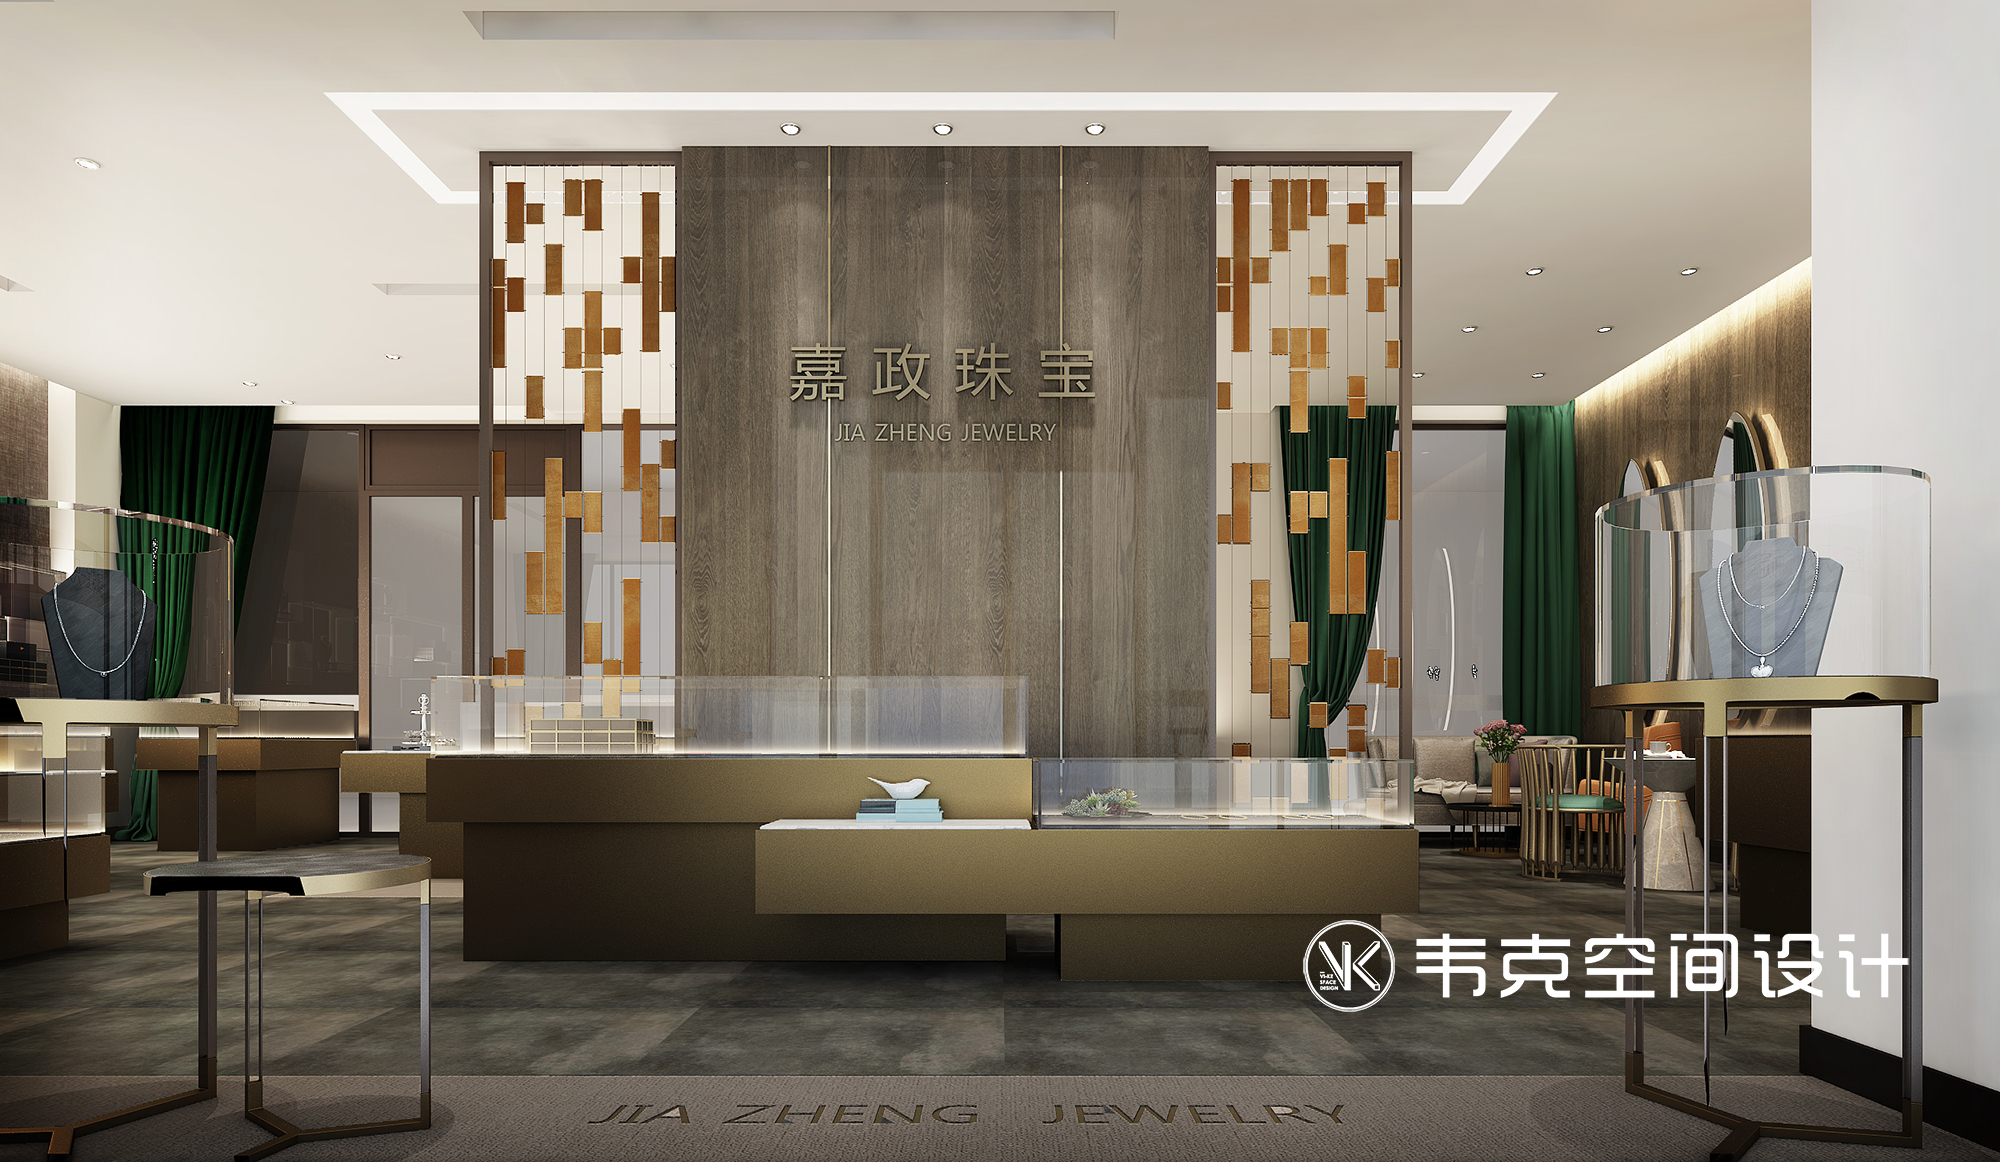 客厅图片来自韦克空间设计在珠宝店设计让空间更加自在与灵动的分享